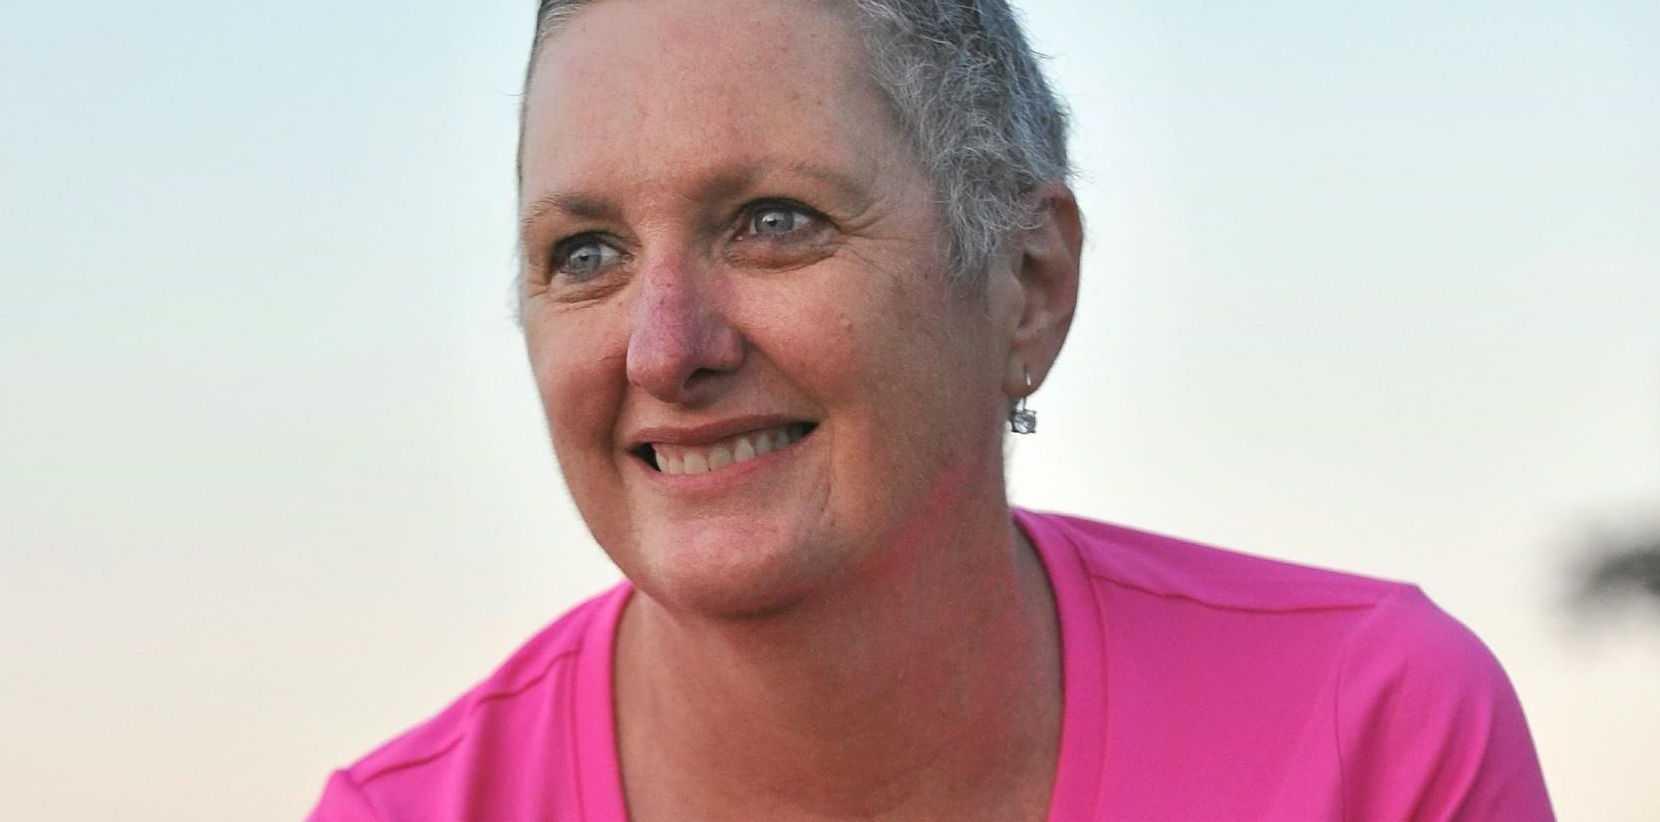 SPEAKING OUT: Cancer survivor, Ruth D'Hennin